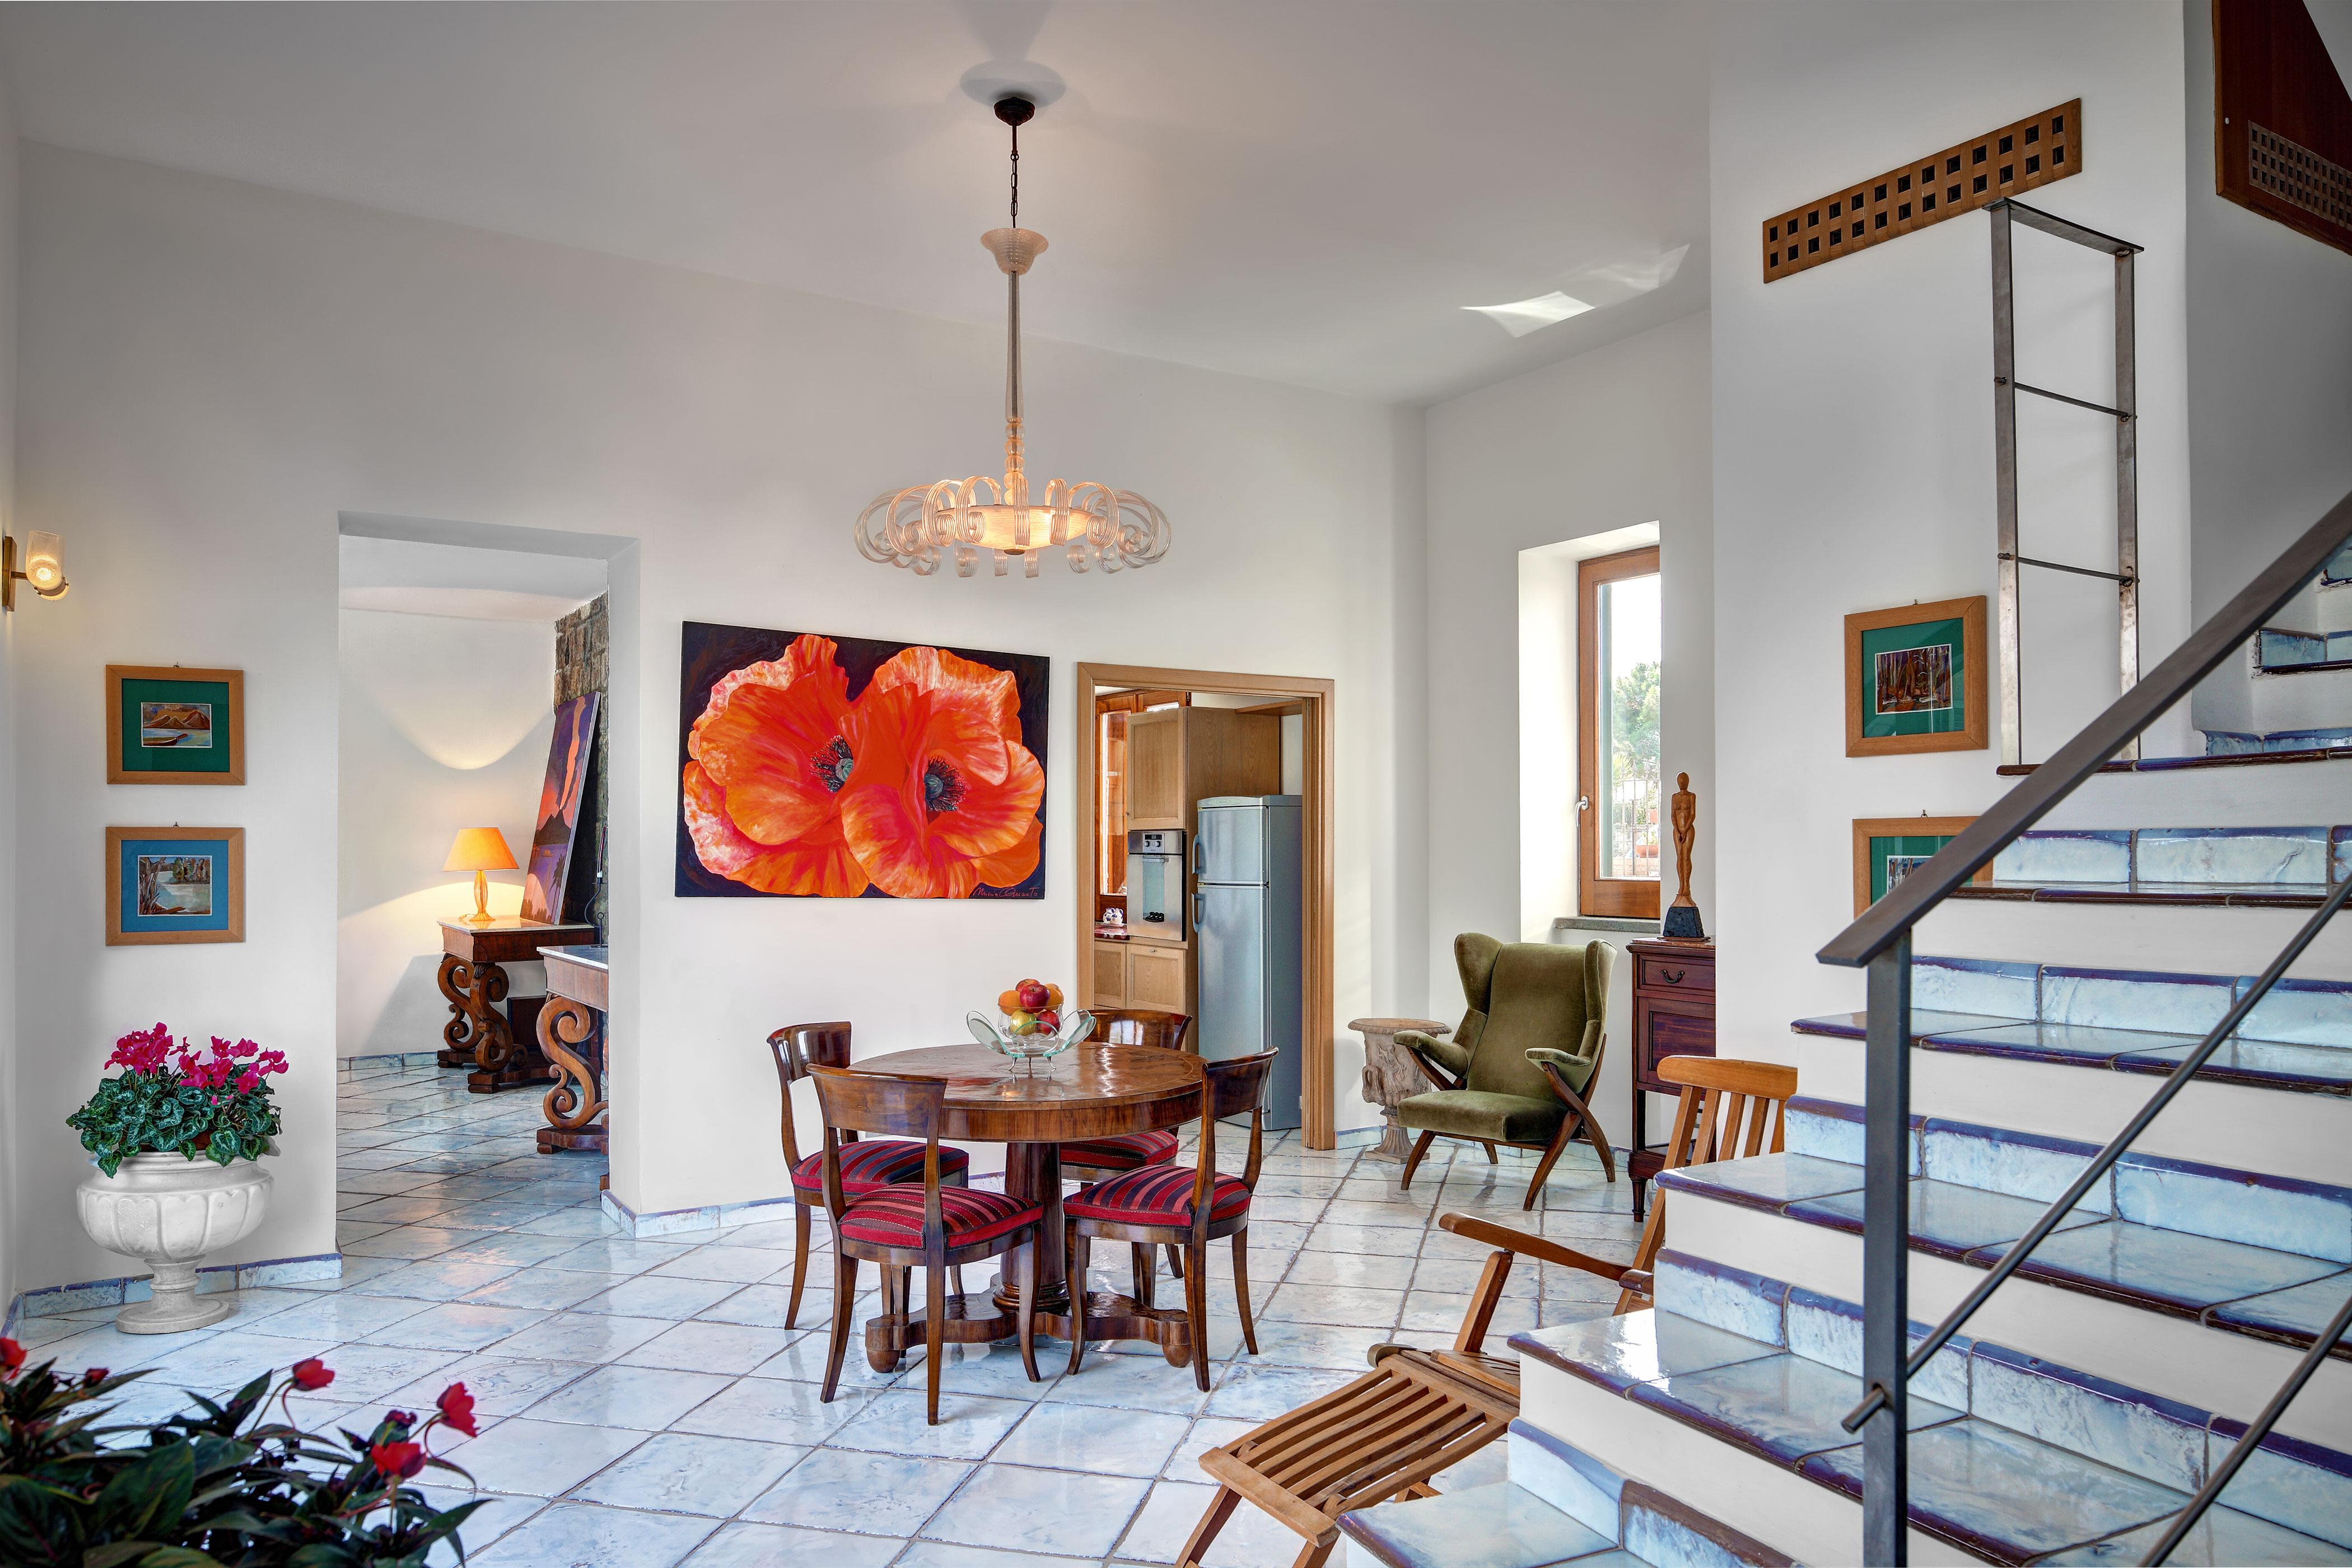 Apartment Villa Vesuvio - Luxury and Beauty photo 25033410